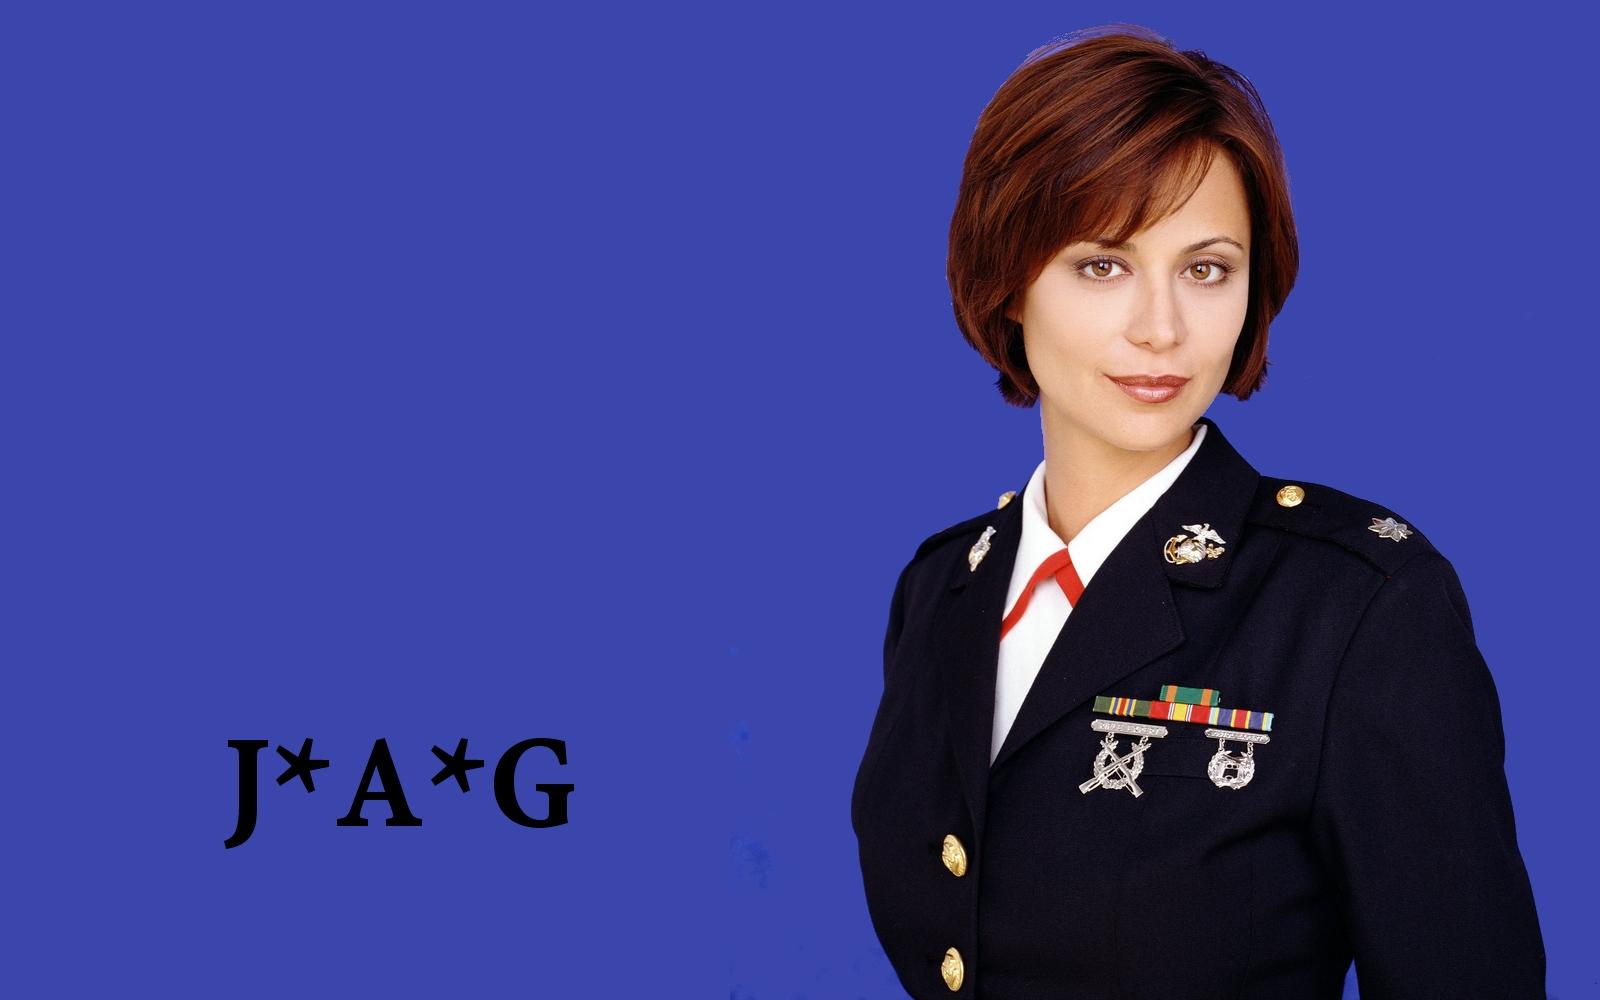 http://1.bp.blogspot.com/-sdd6hE5IiPE/TqcabzwAWOI/AAAAAAABmX8/7GiQrVVC528/s1600/1995-2005%2BJAG%2BWallpaper%2B06.jpg